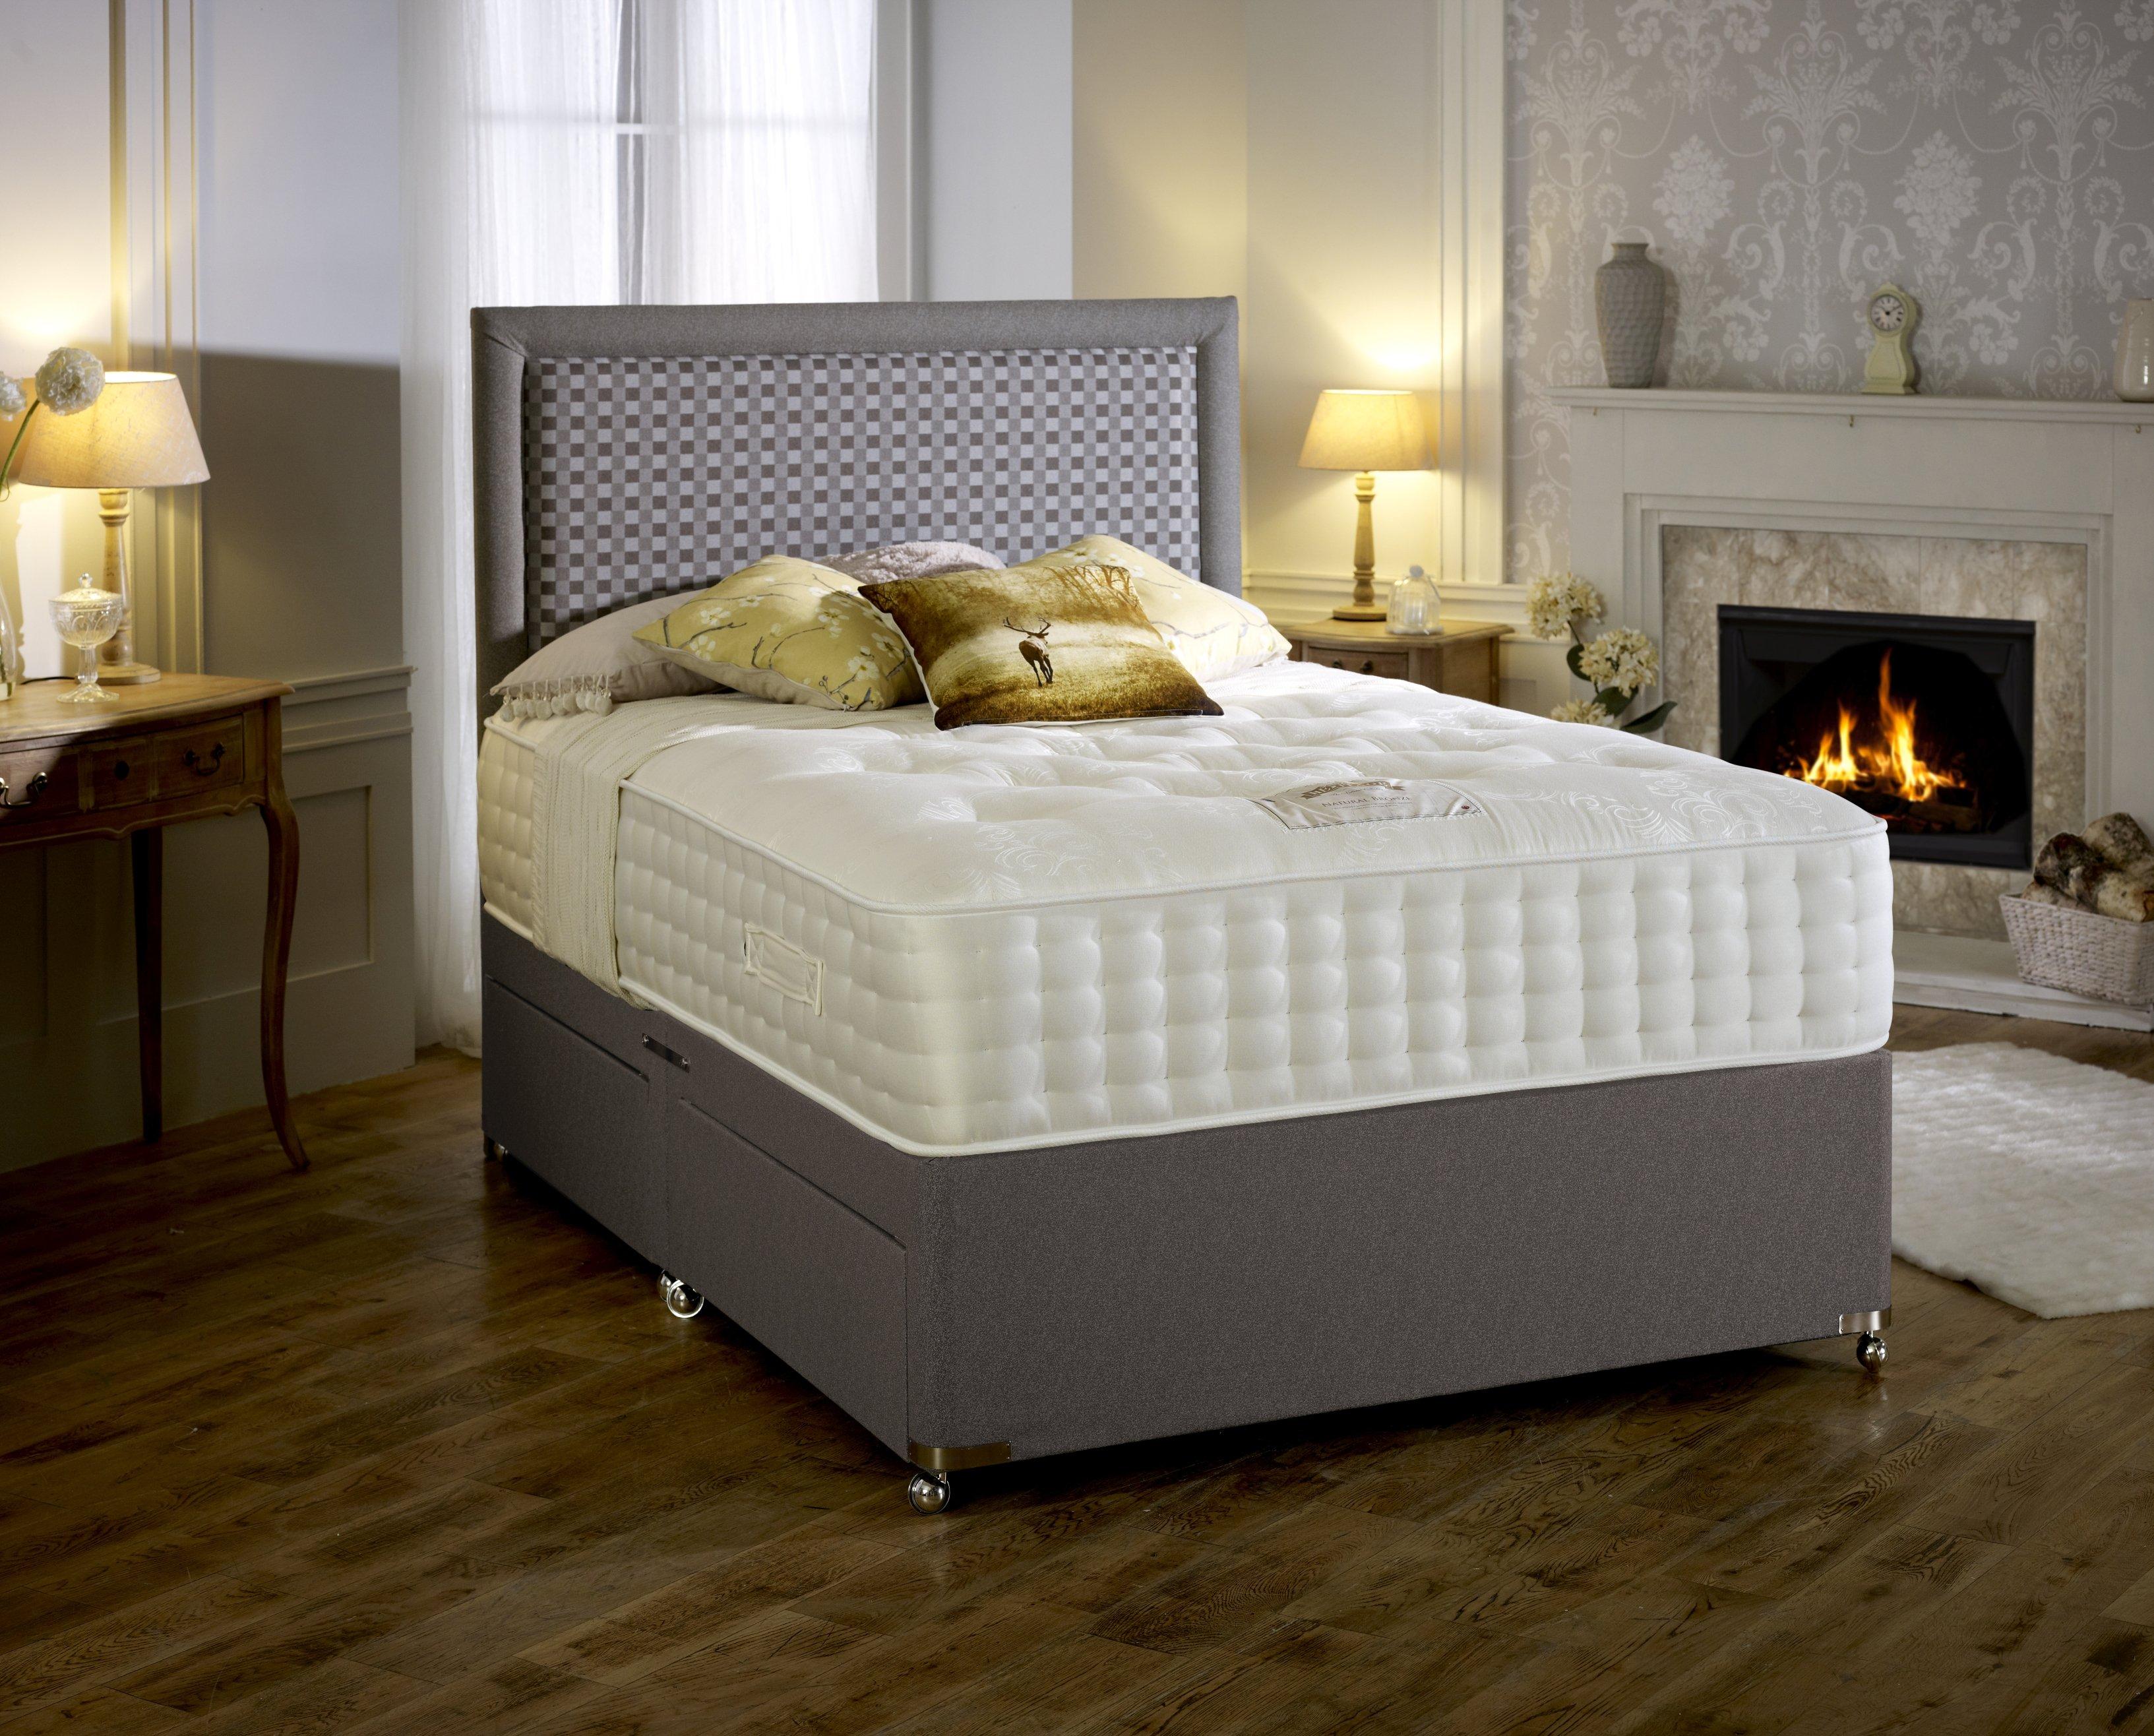 Brilliant Beds N Stuff Divans Mattress Inzonedesignstudio Interior Chair Design Inzonedesignstudiocom